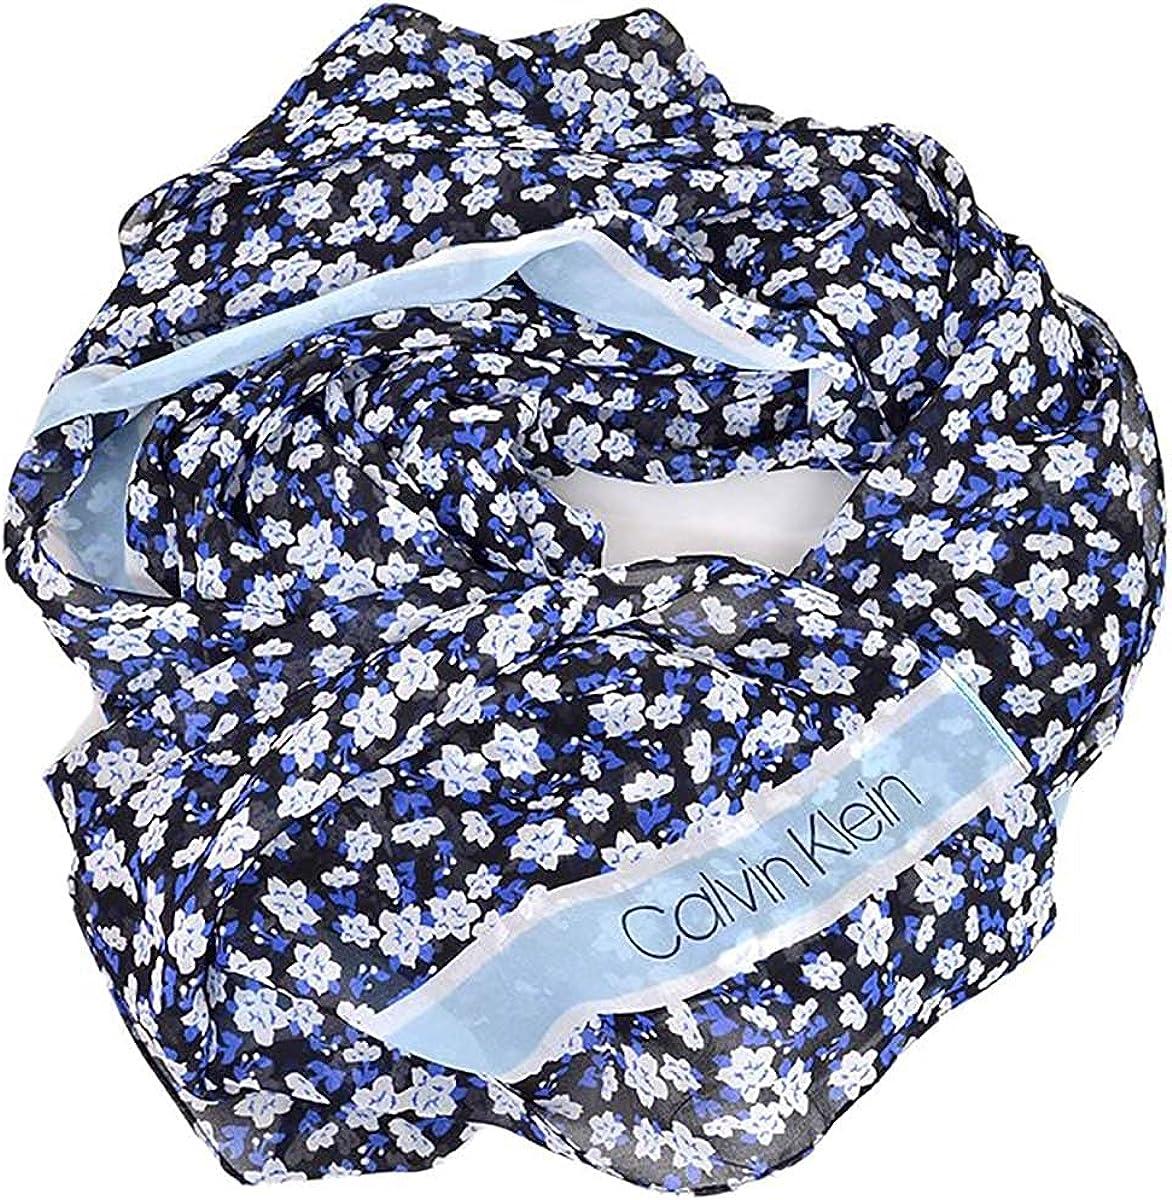 Calvin Klein Womens Floral Stripe Chiffon Scarf (Royal Blue, One Size)